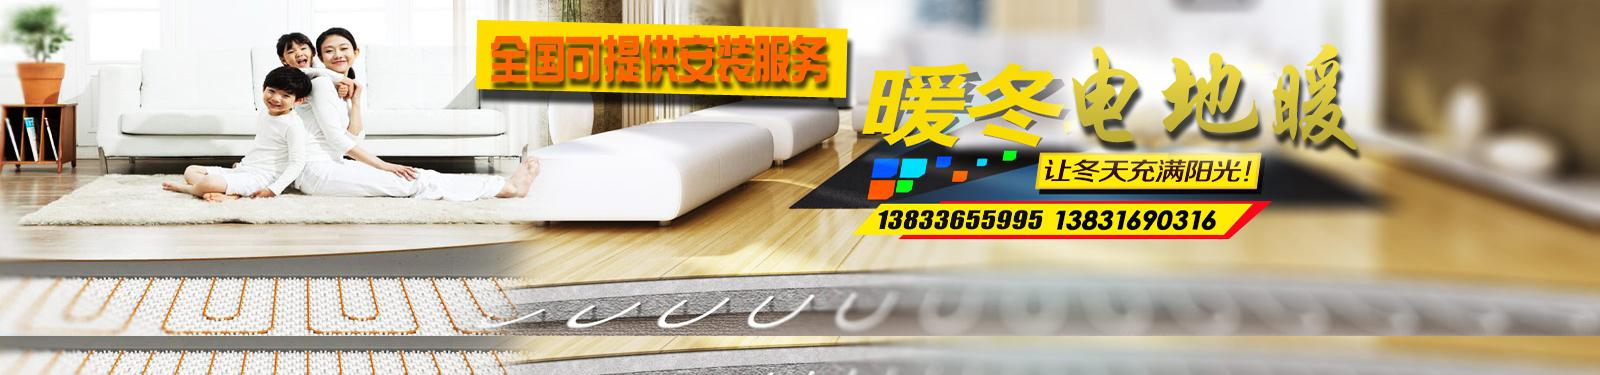 碳纤维电地暖价格